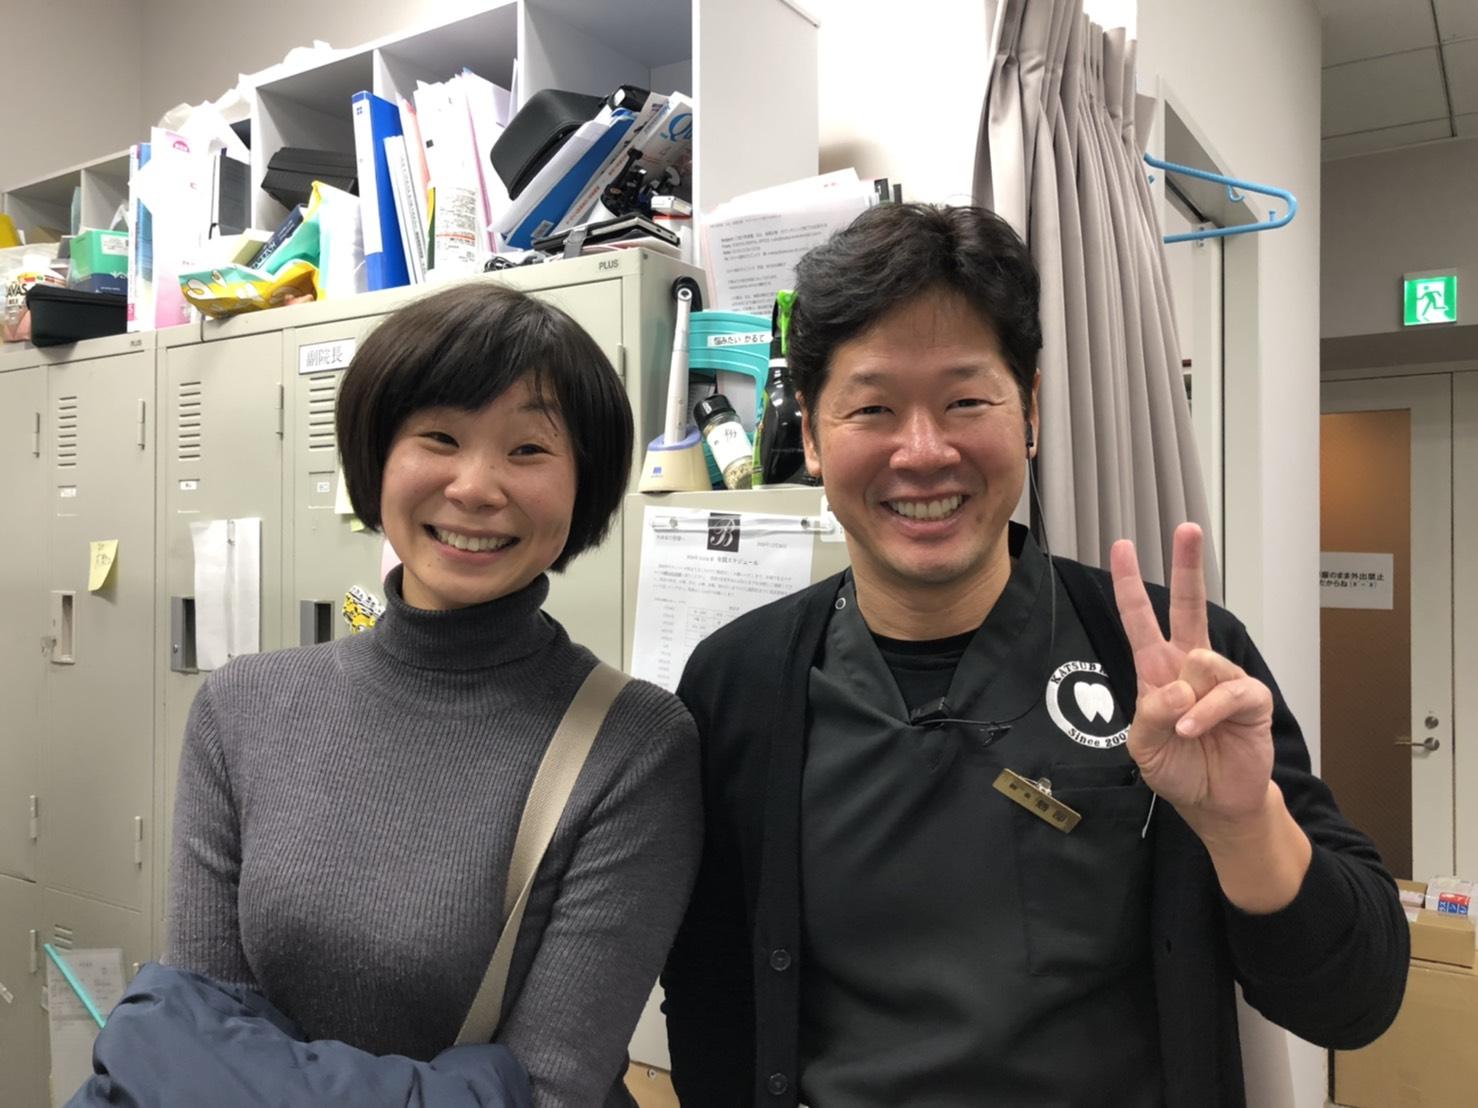 大阪・梅田の皆様へ年末のご挨拶